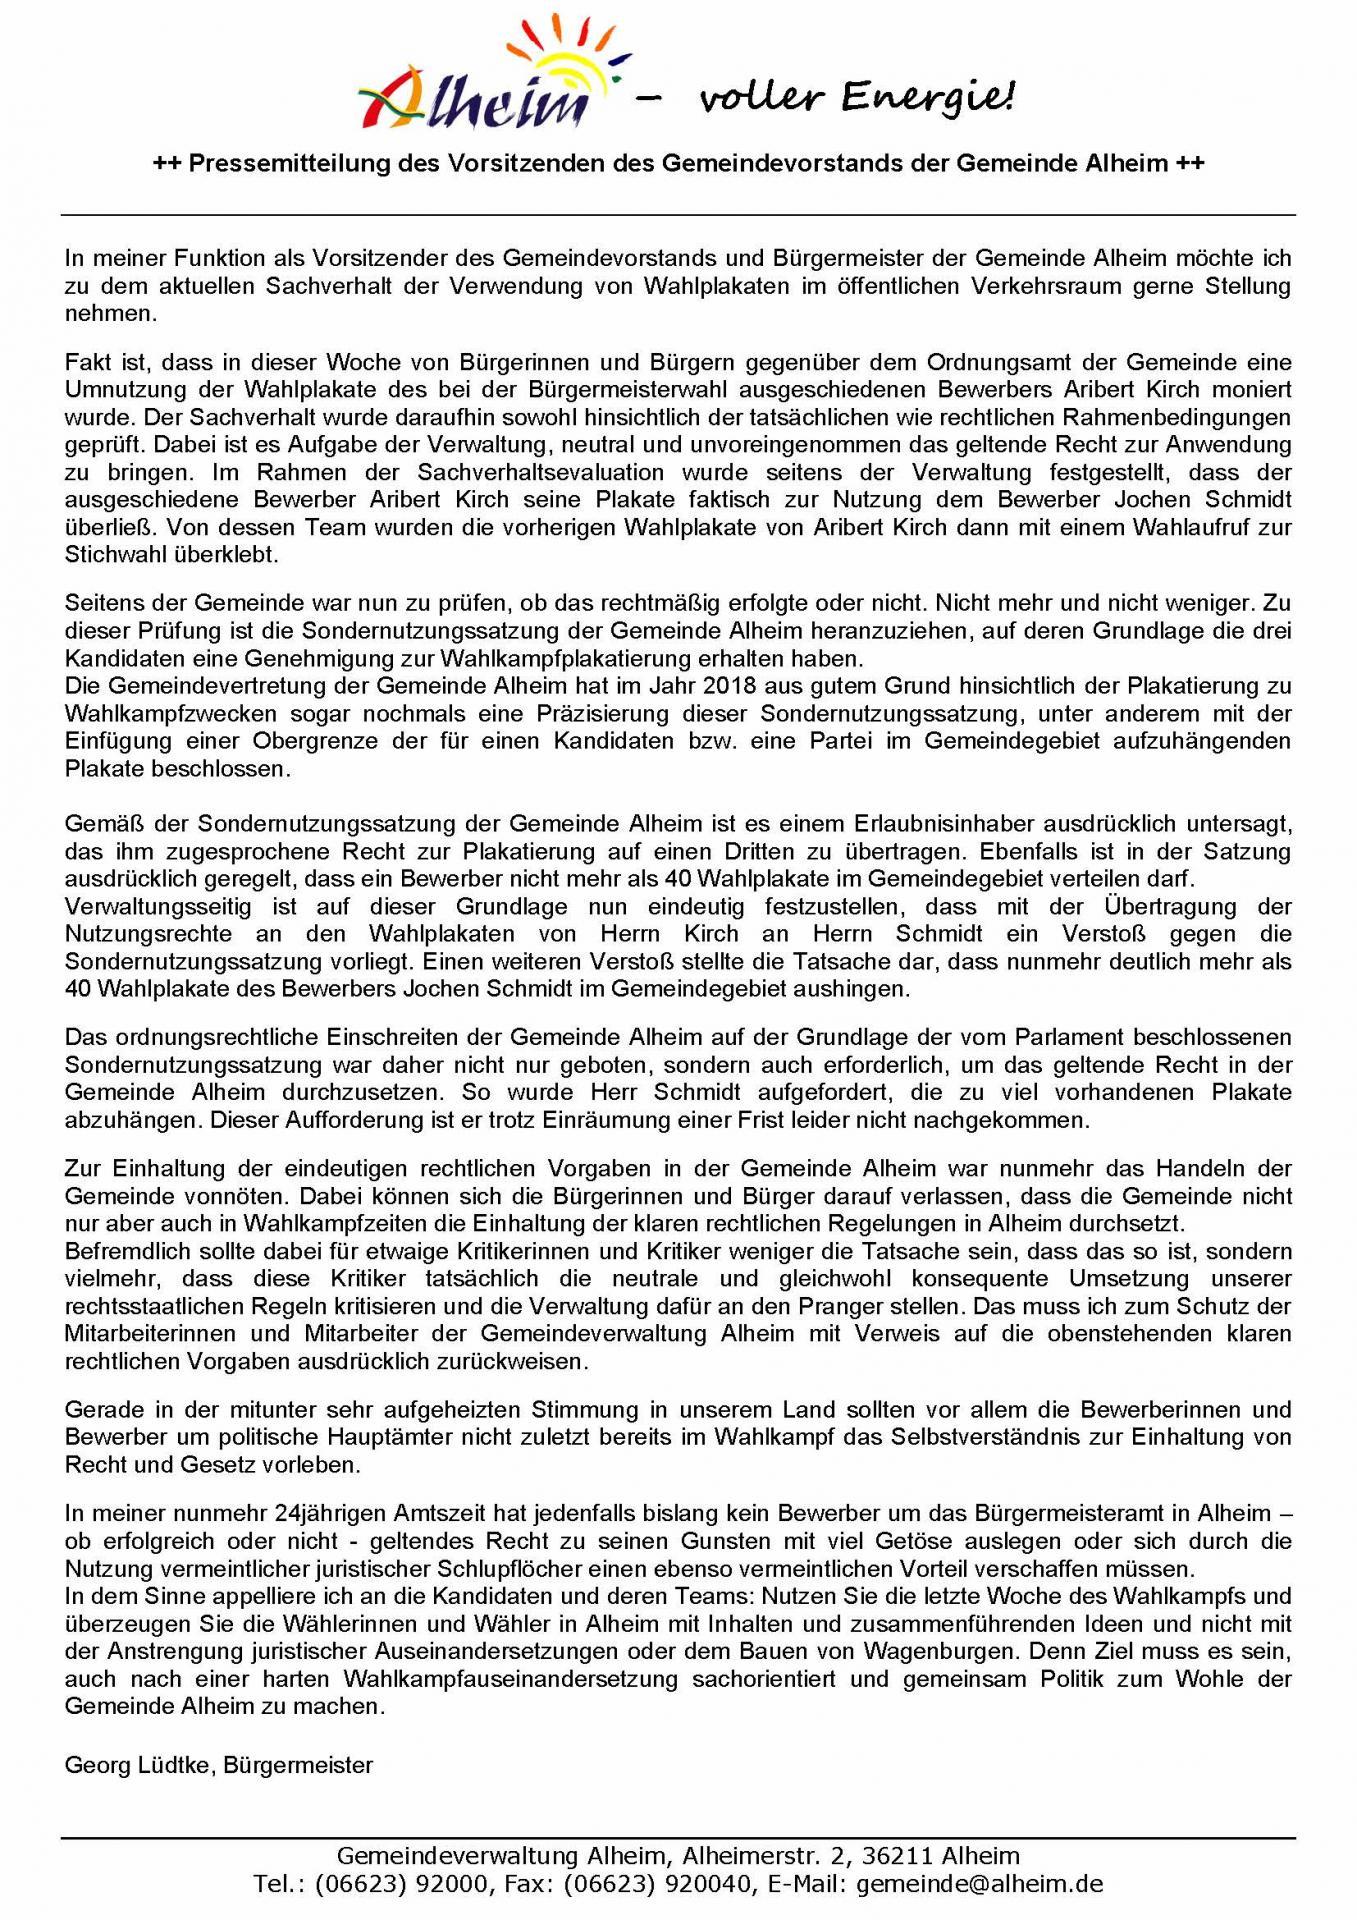 Pressemitteilung BGM Lüdtke